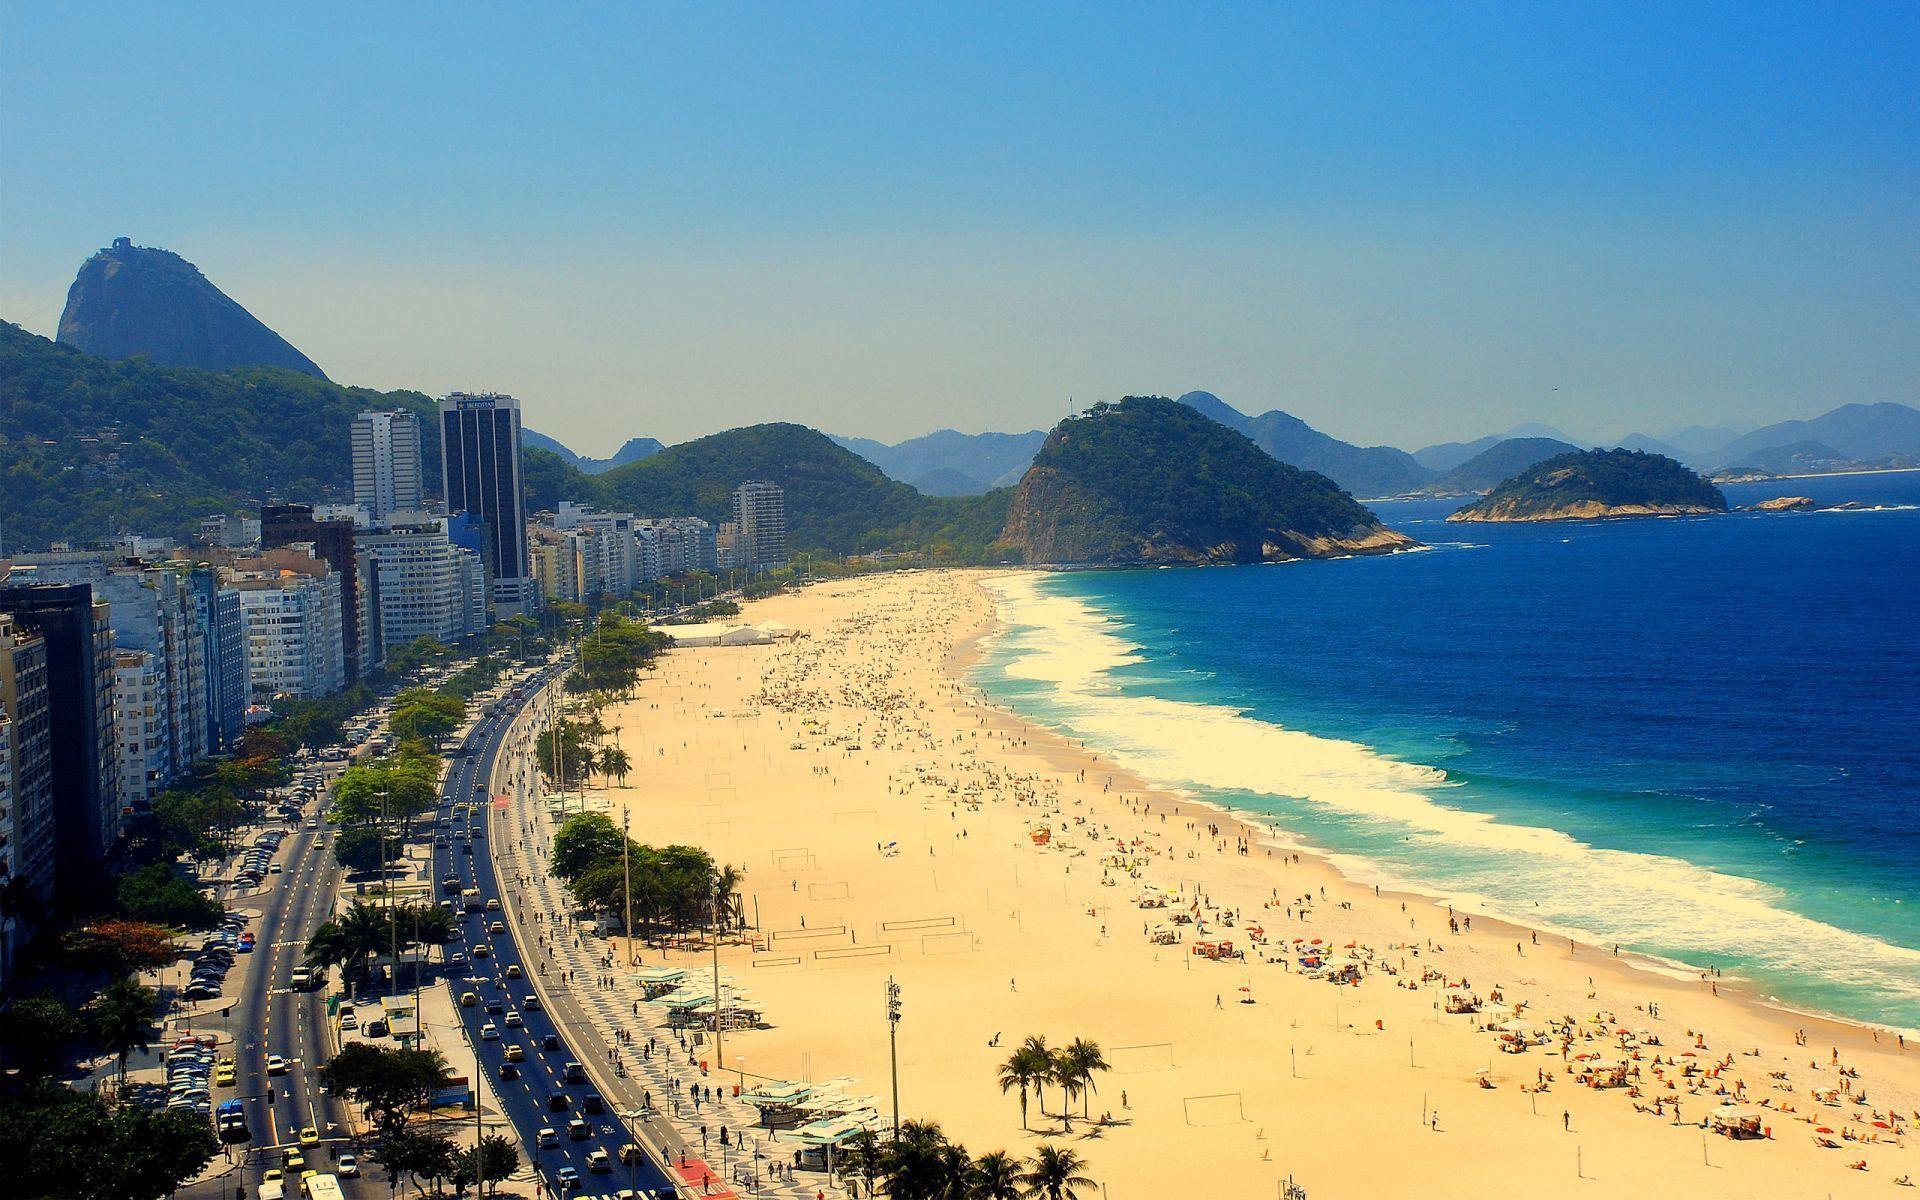 12097 скачать обои Пейзаж, Море, Пляж - заставки и картинки бесплатно